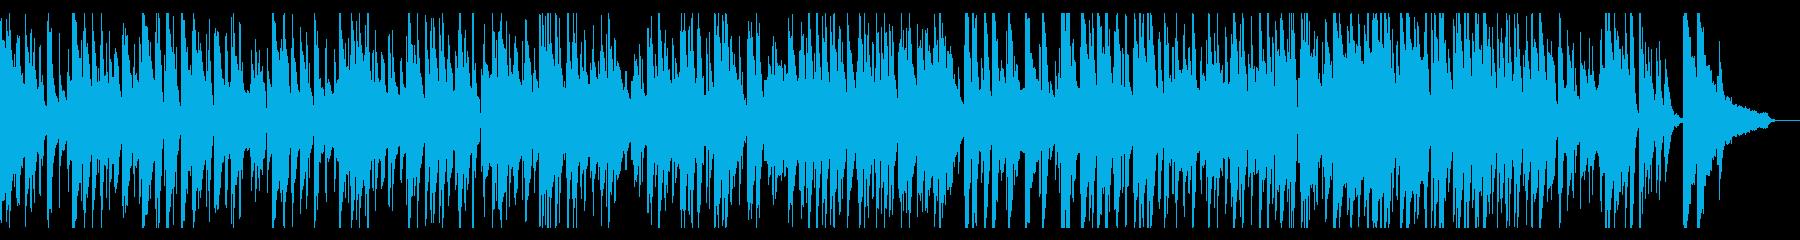 グルメ番組などに合いそうなJazzの再生済みの波形